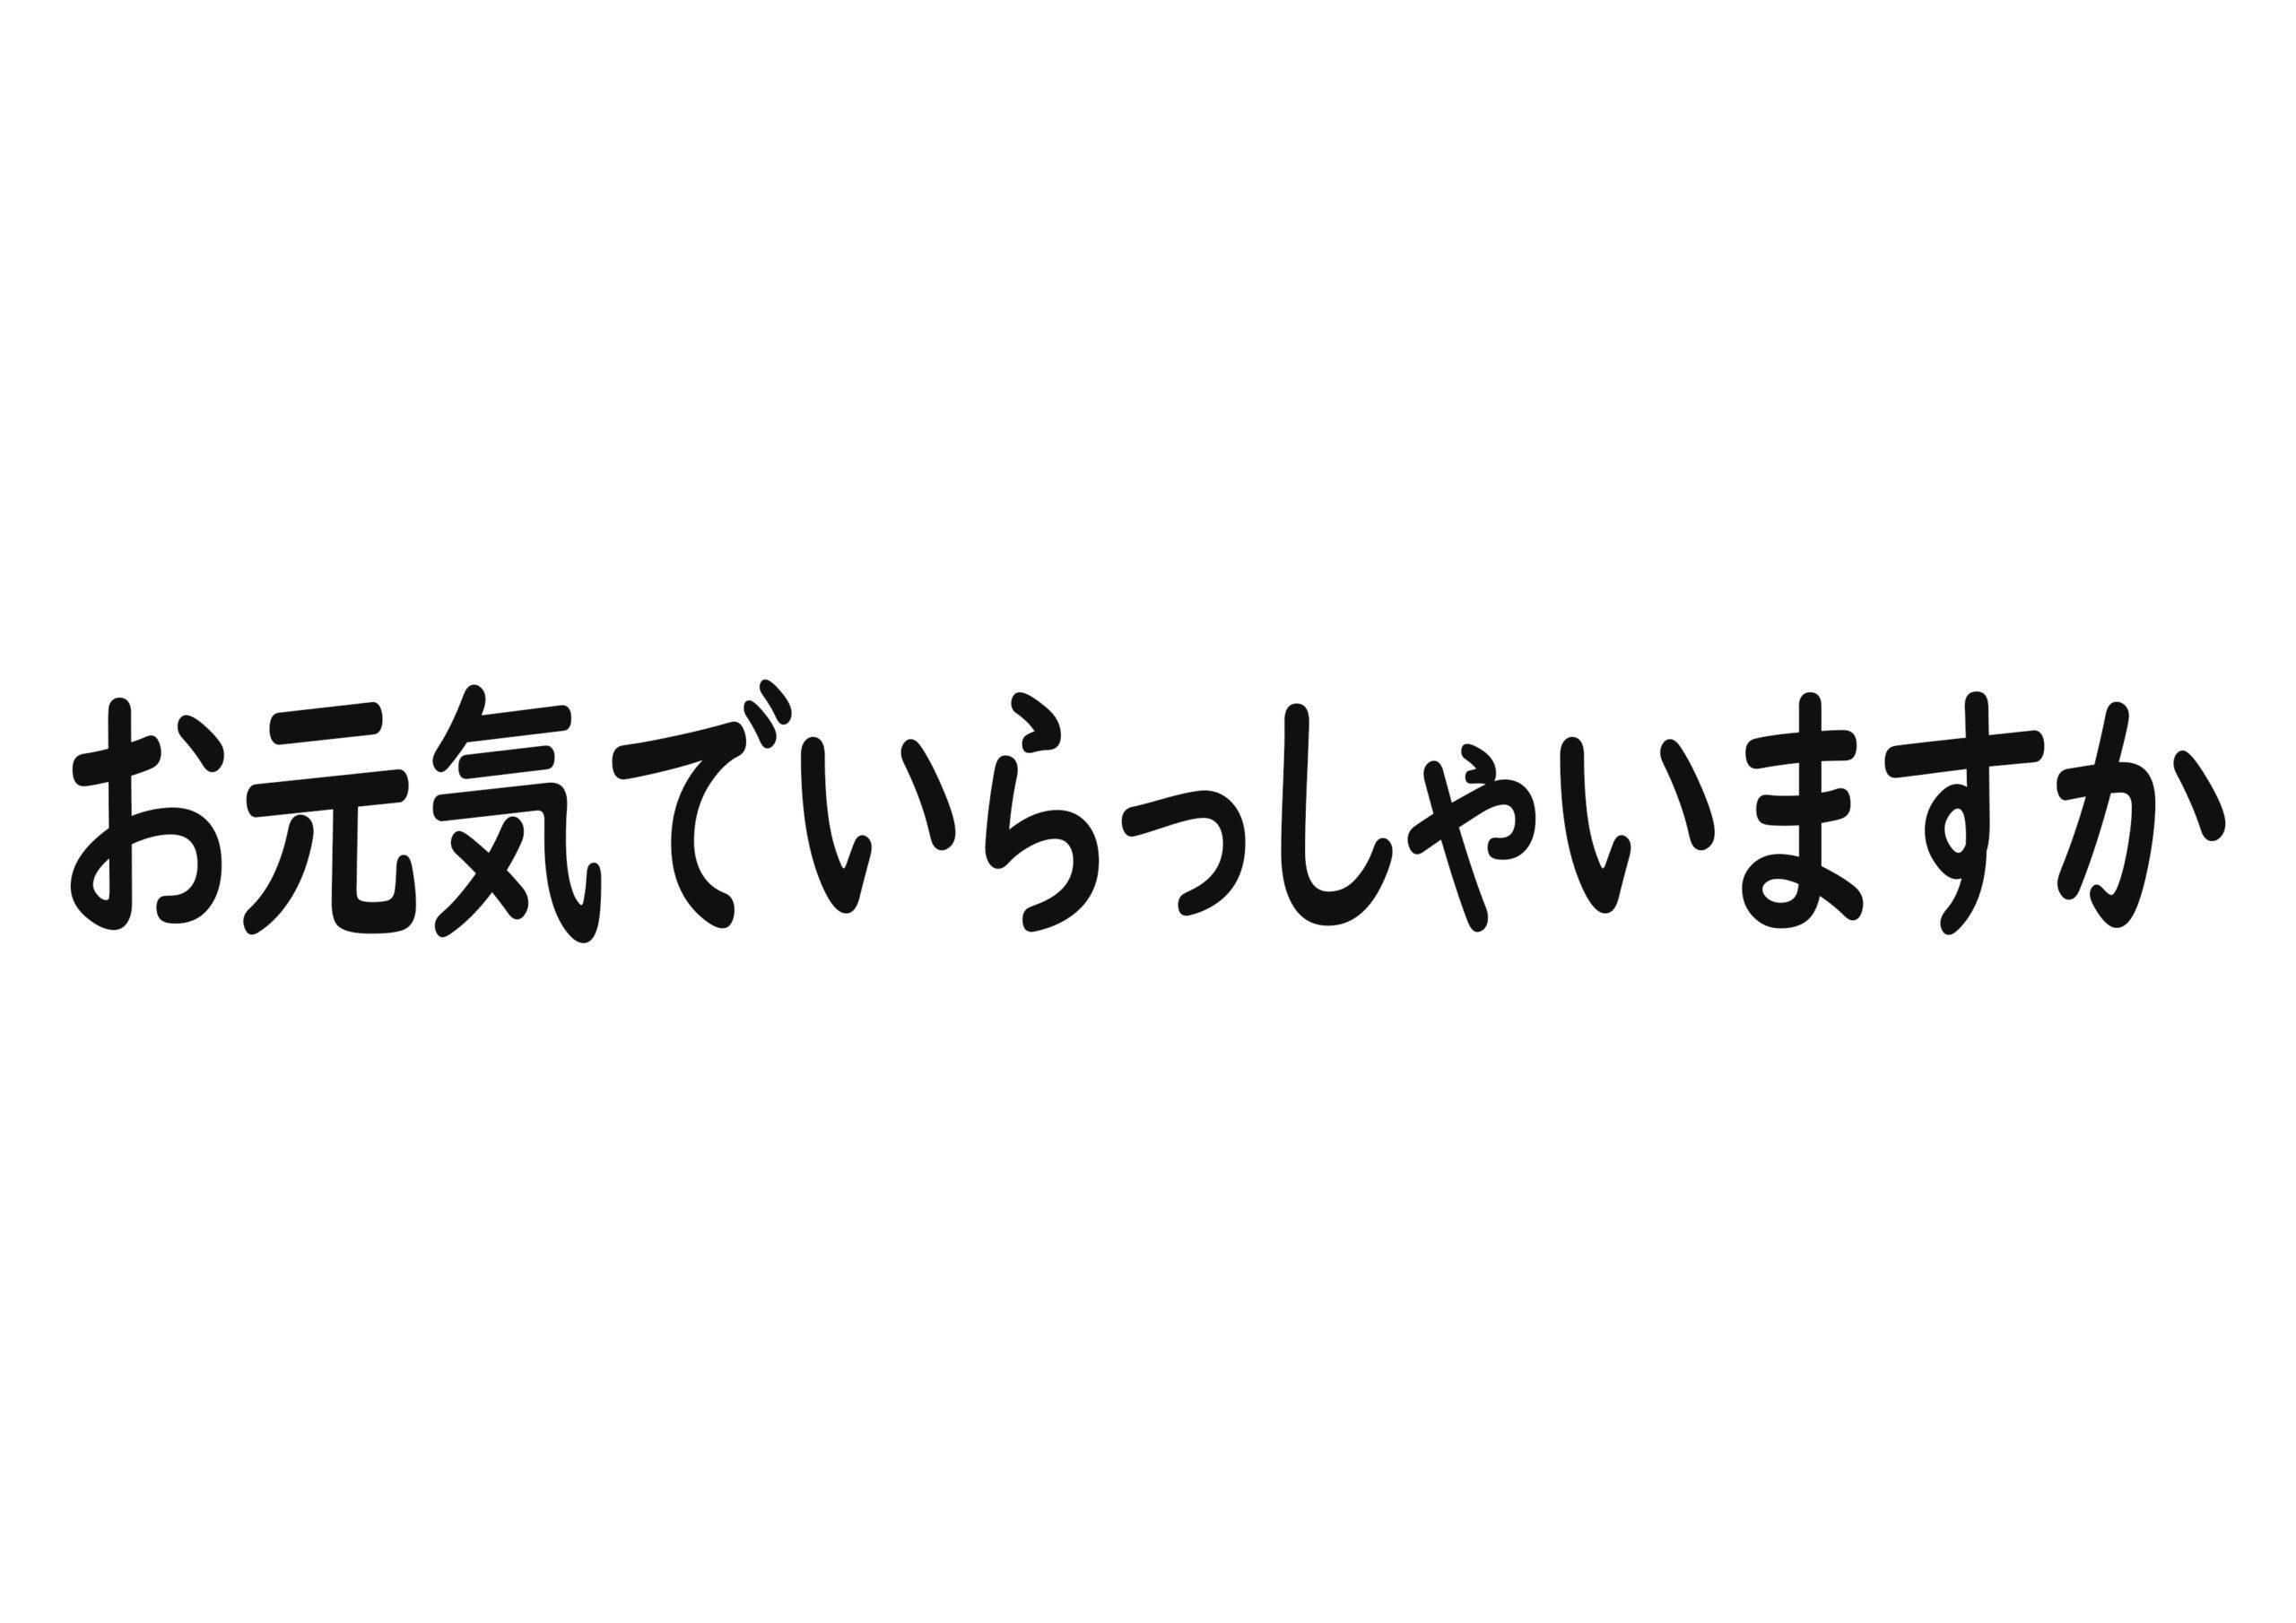 日本語カード【お元気でいらっしゃいます】